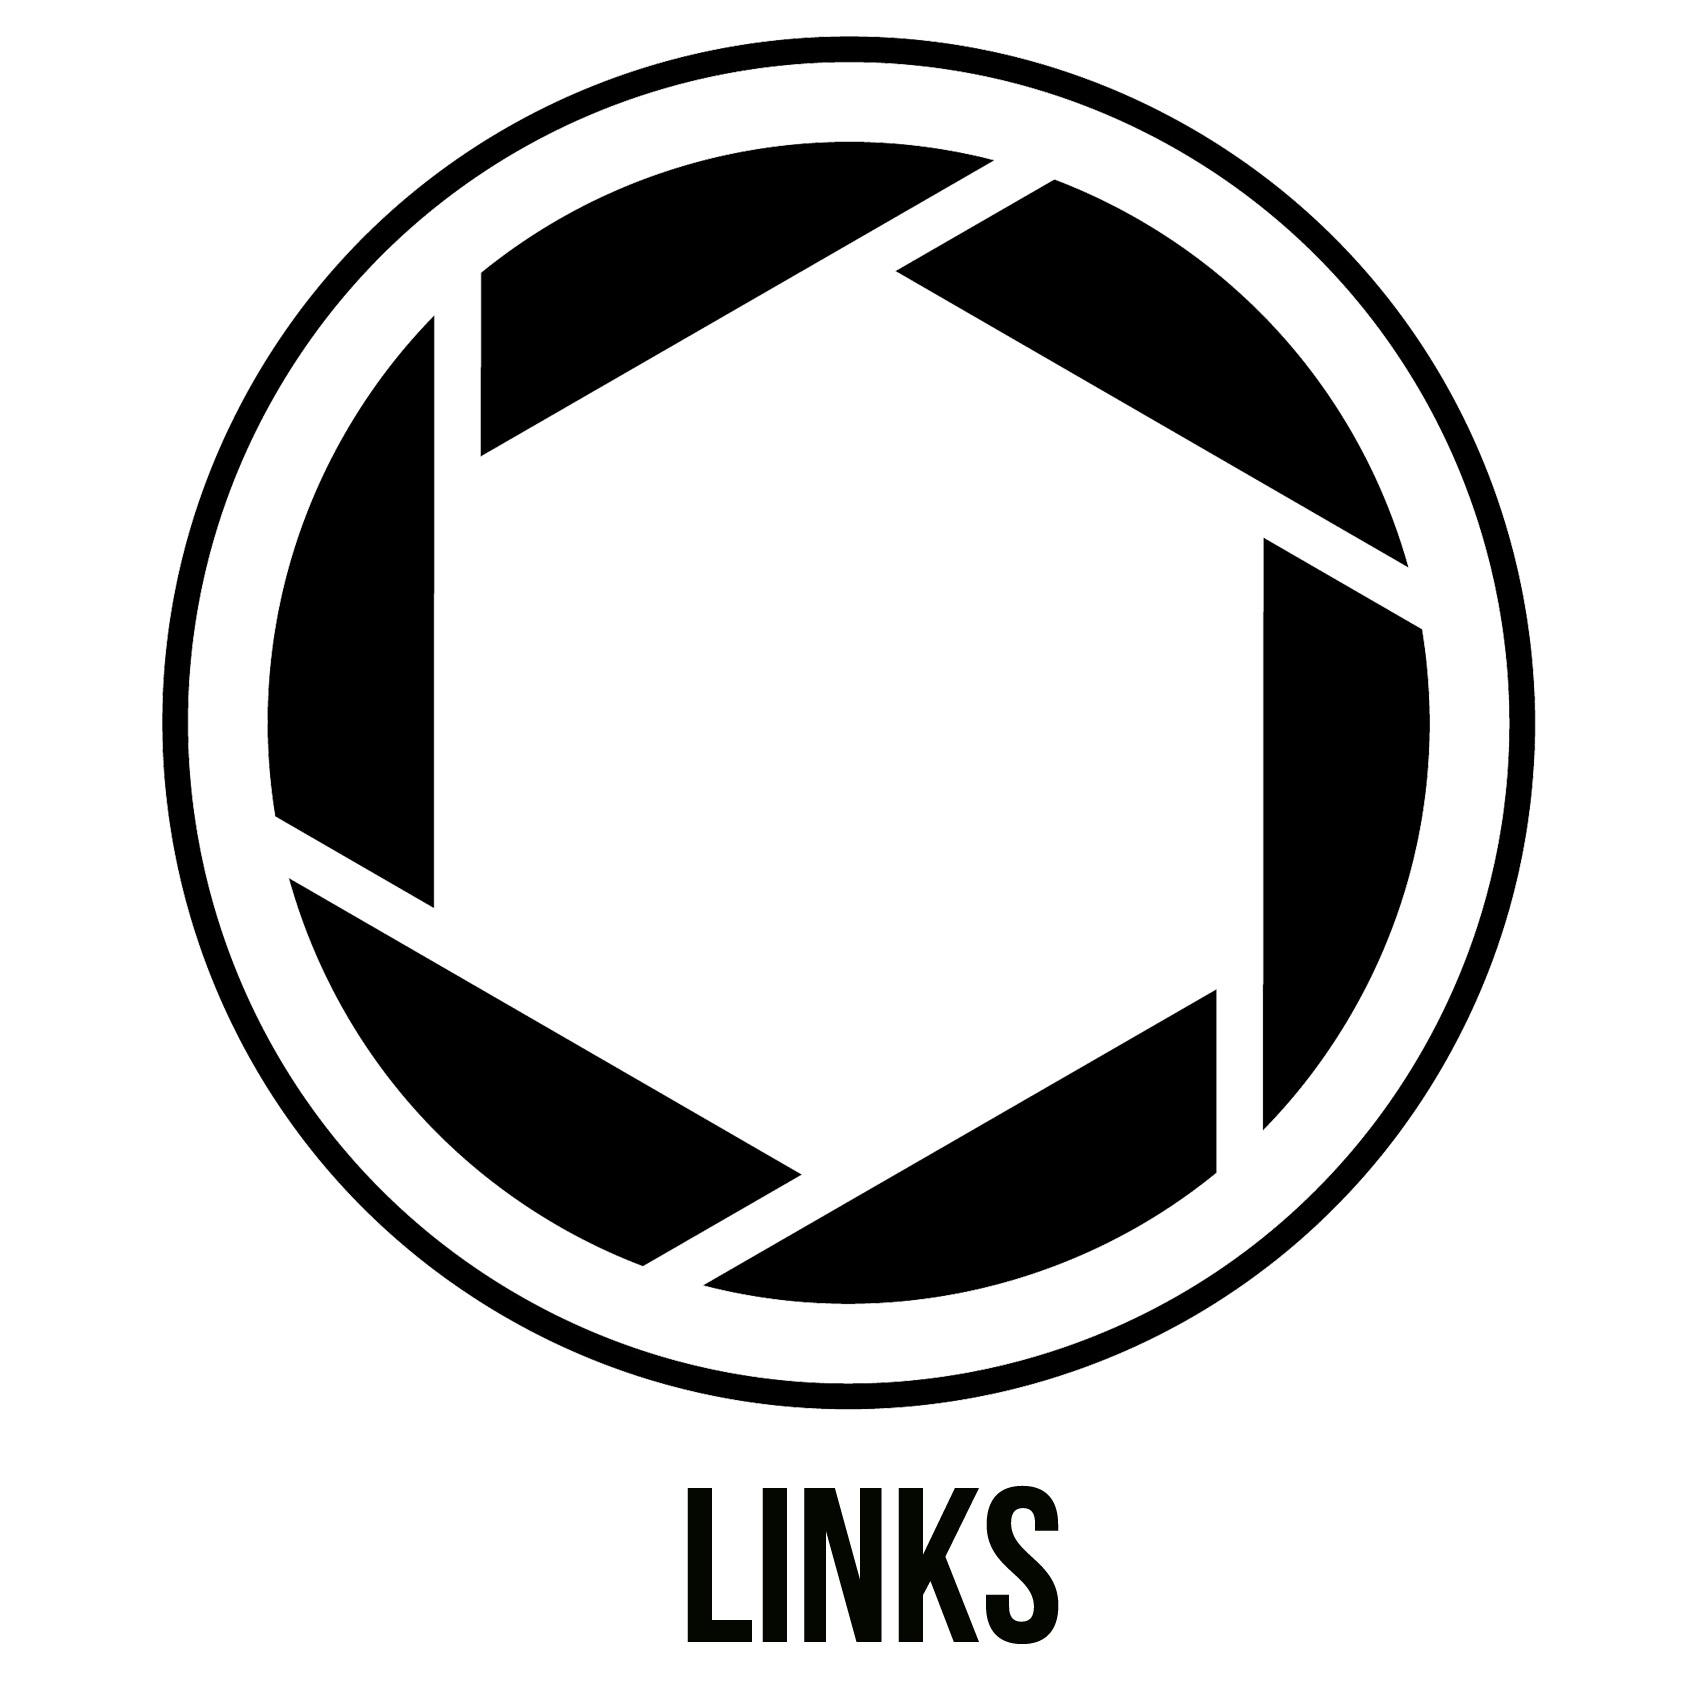 Links_Black_HiRes.jpg